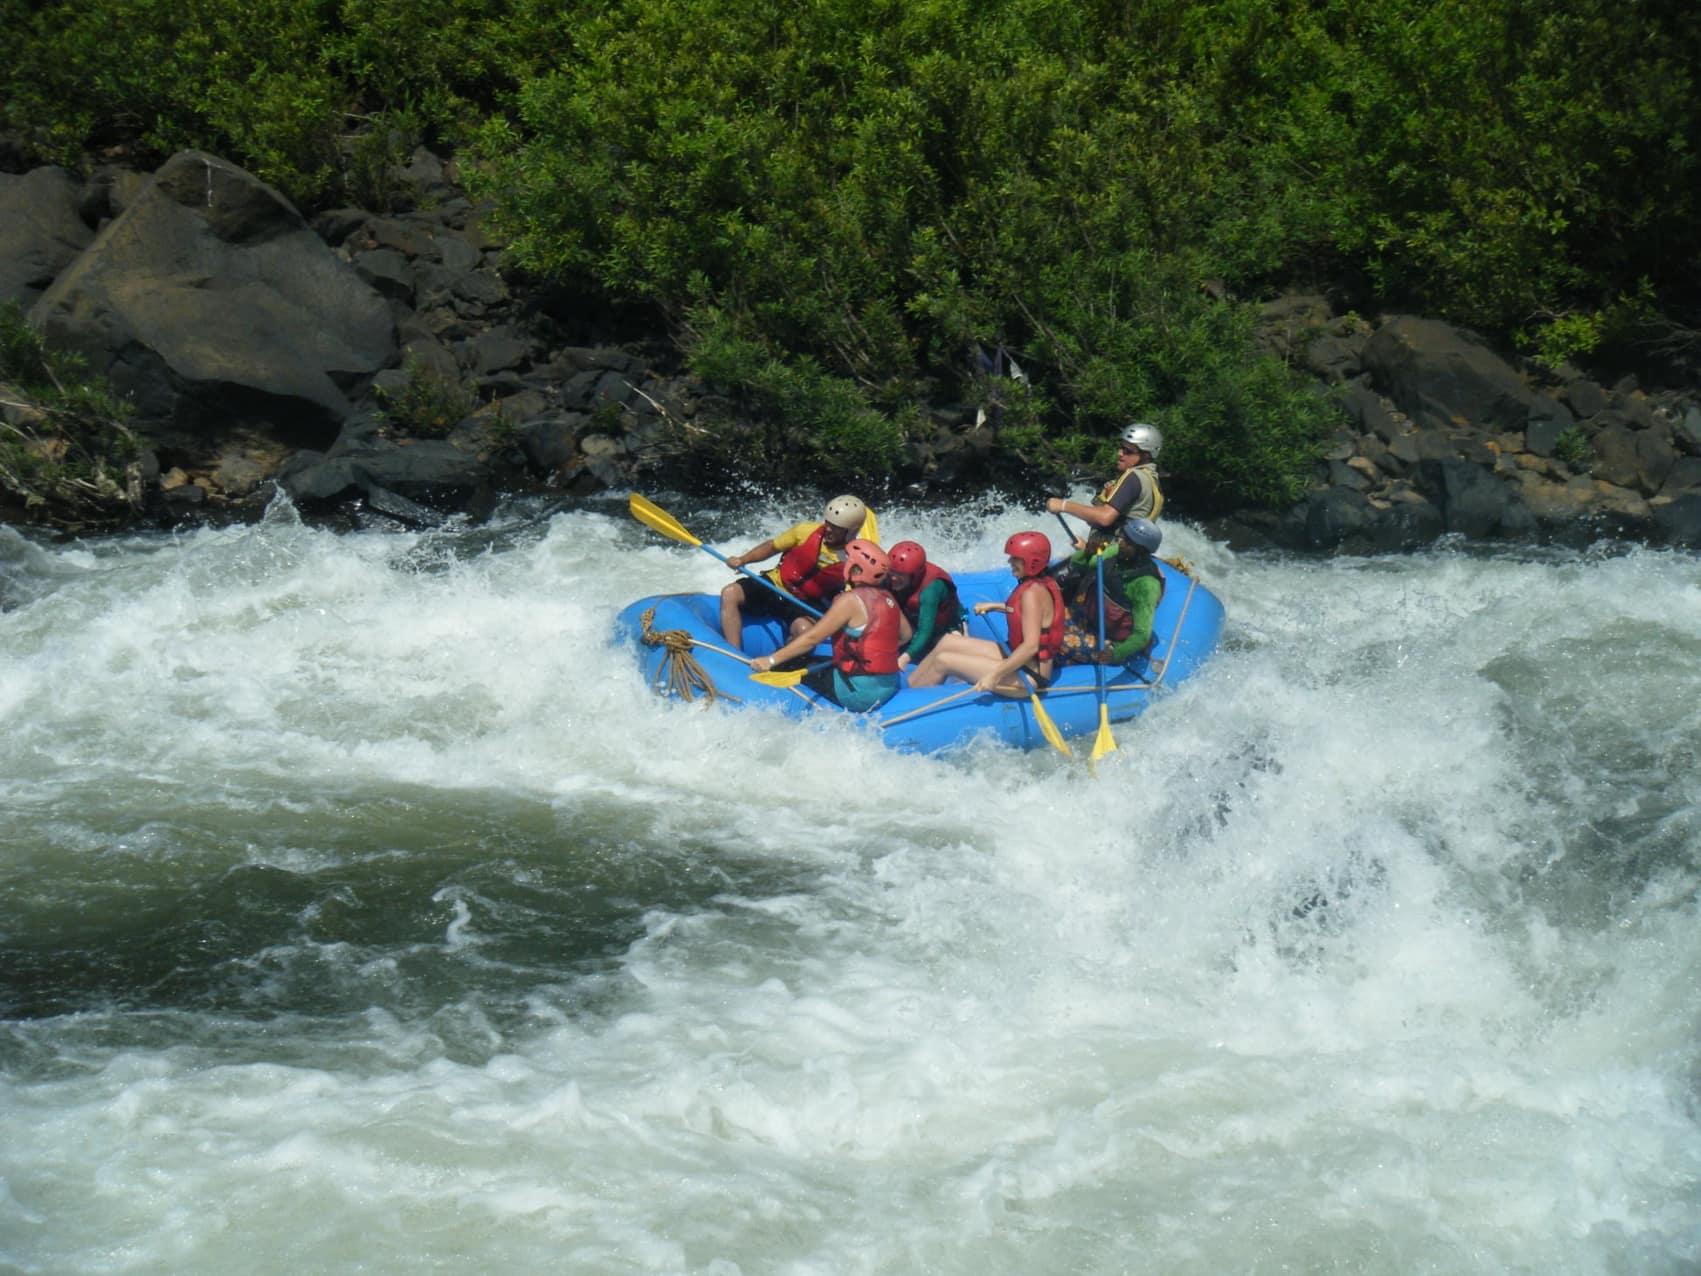 John Pollard in action on Mhadei river